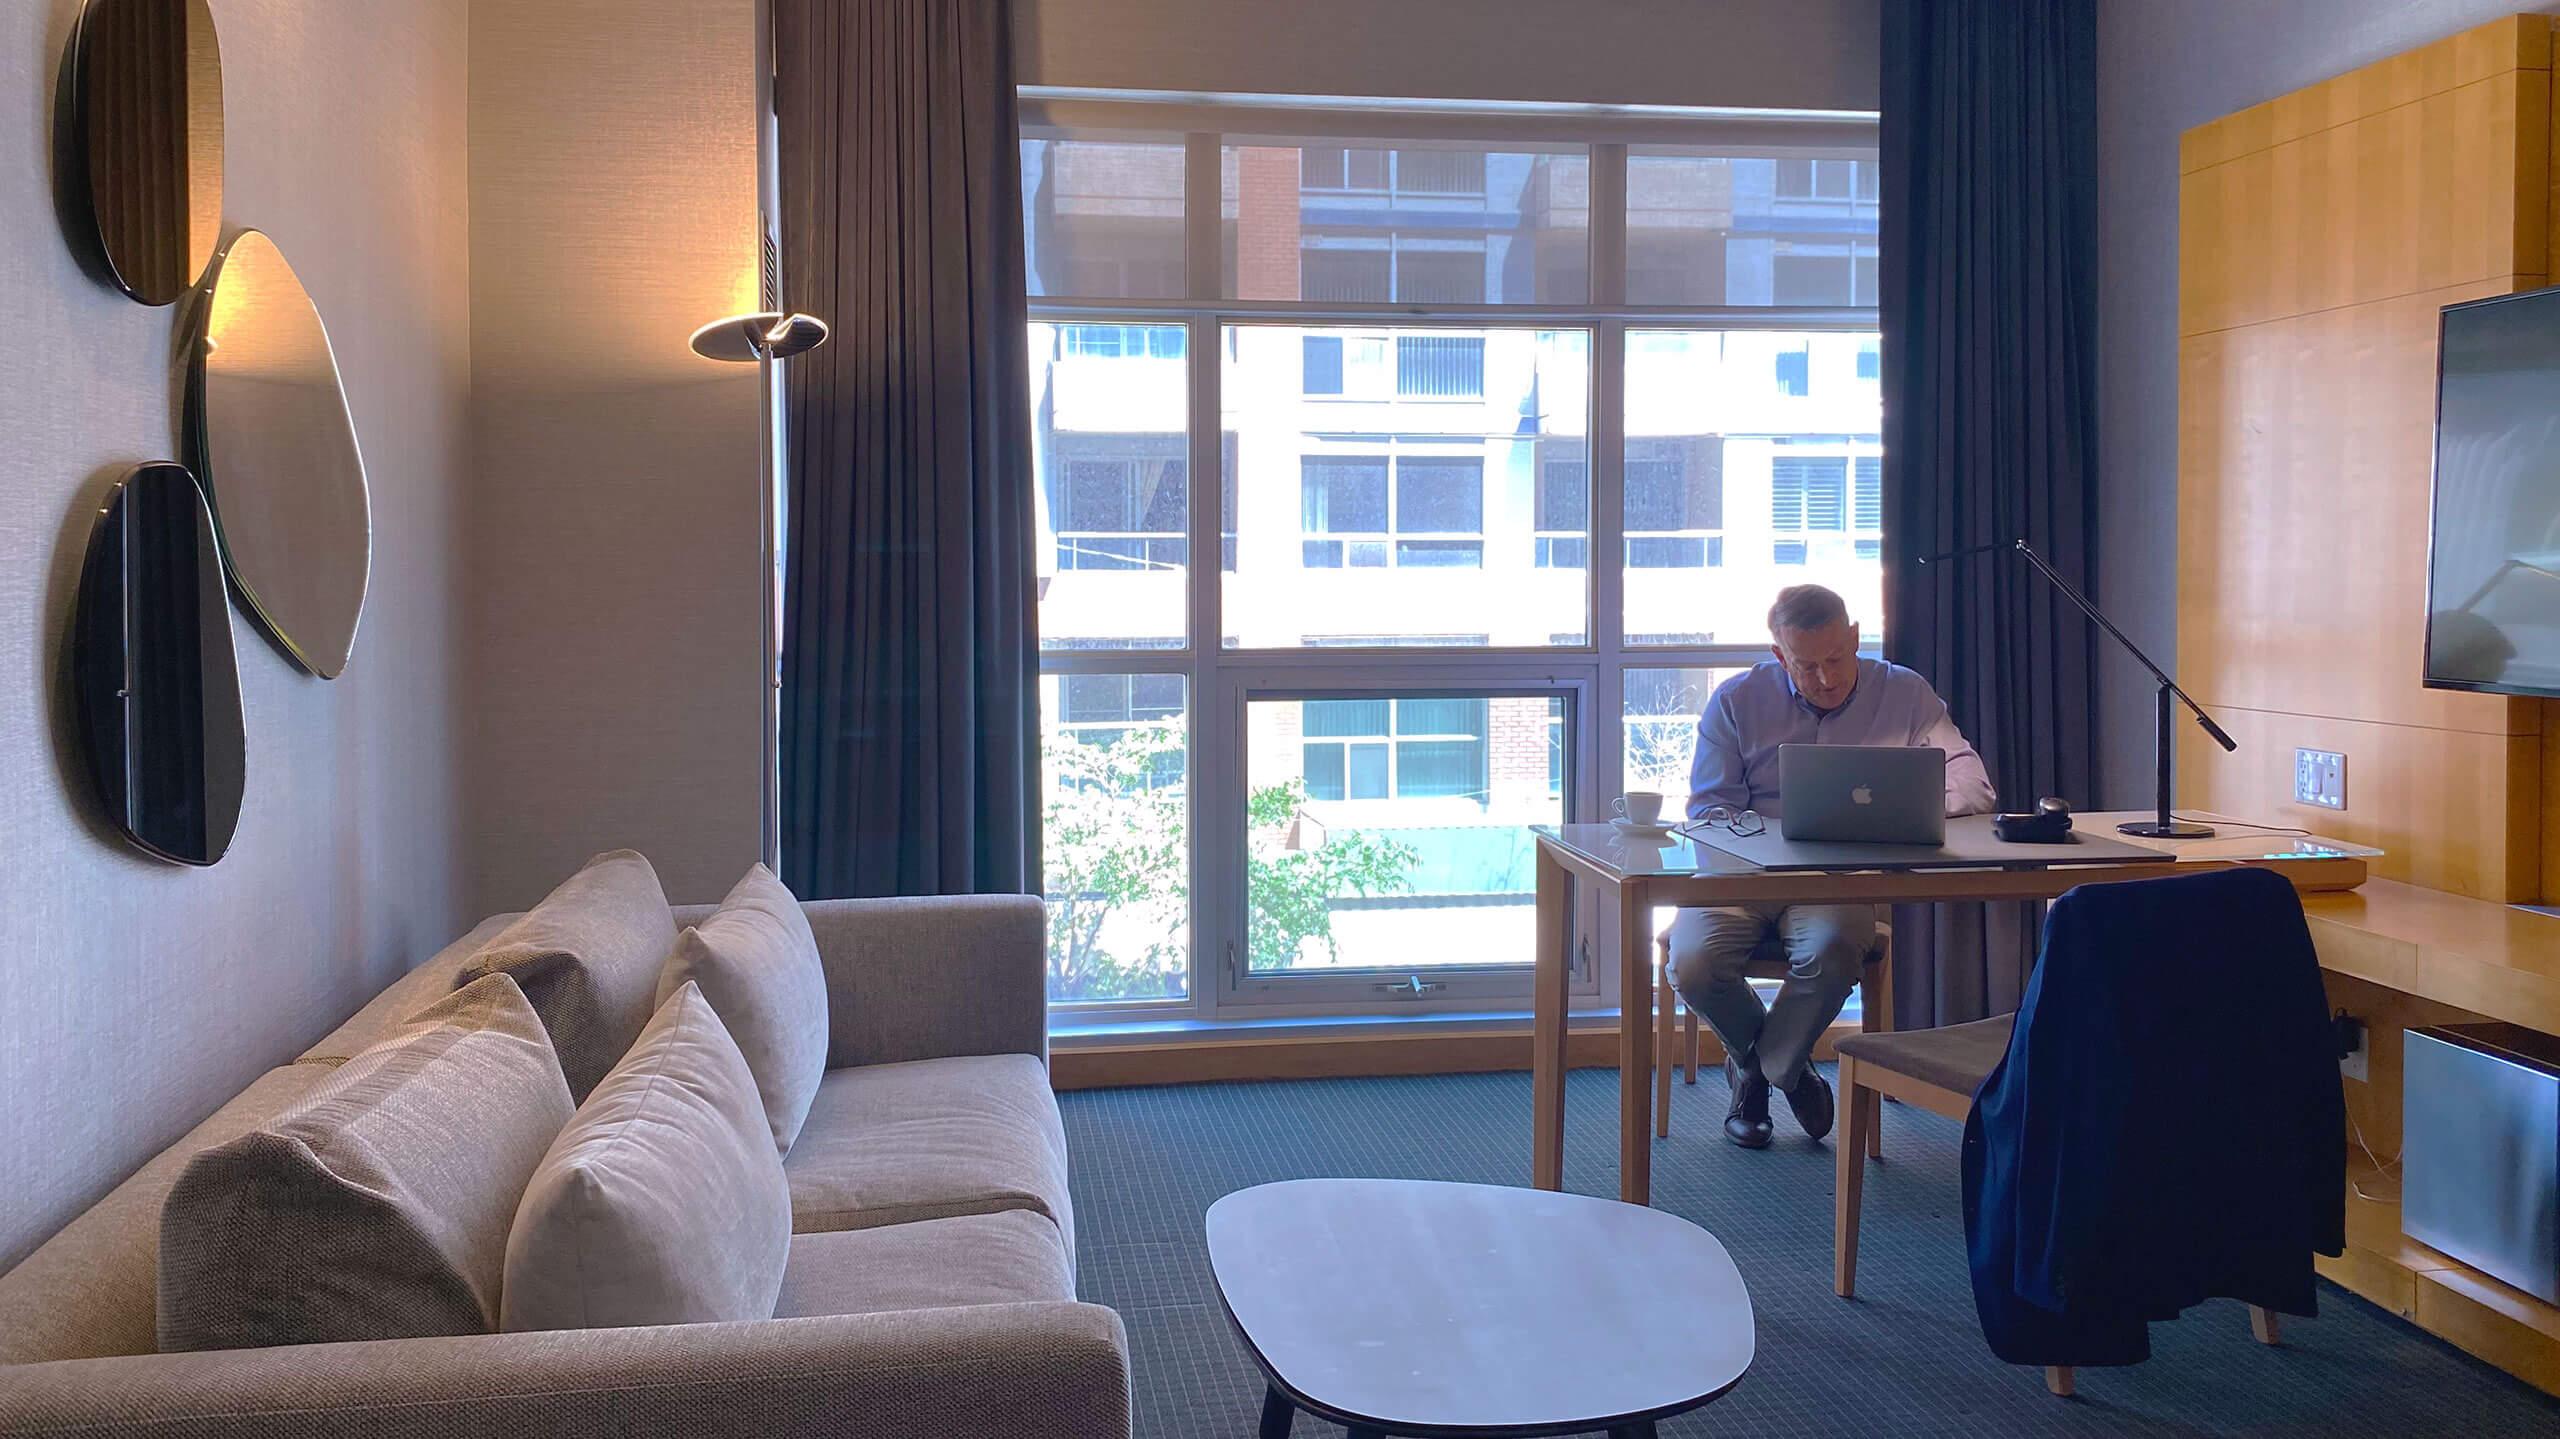 The Office at SoHo